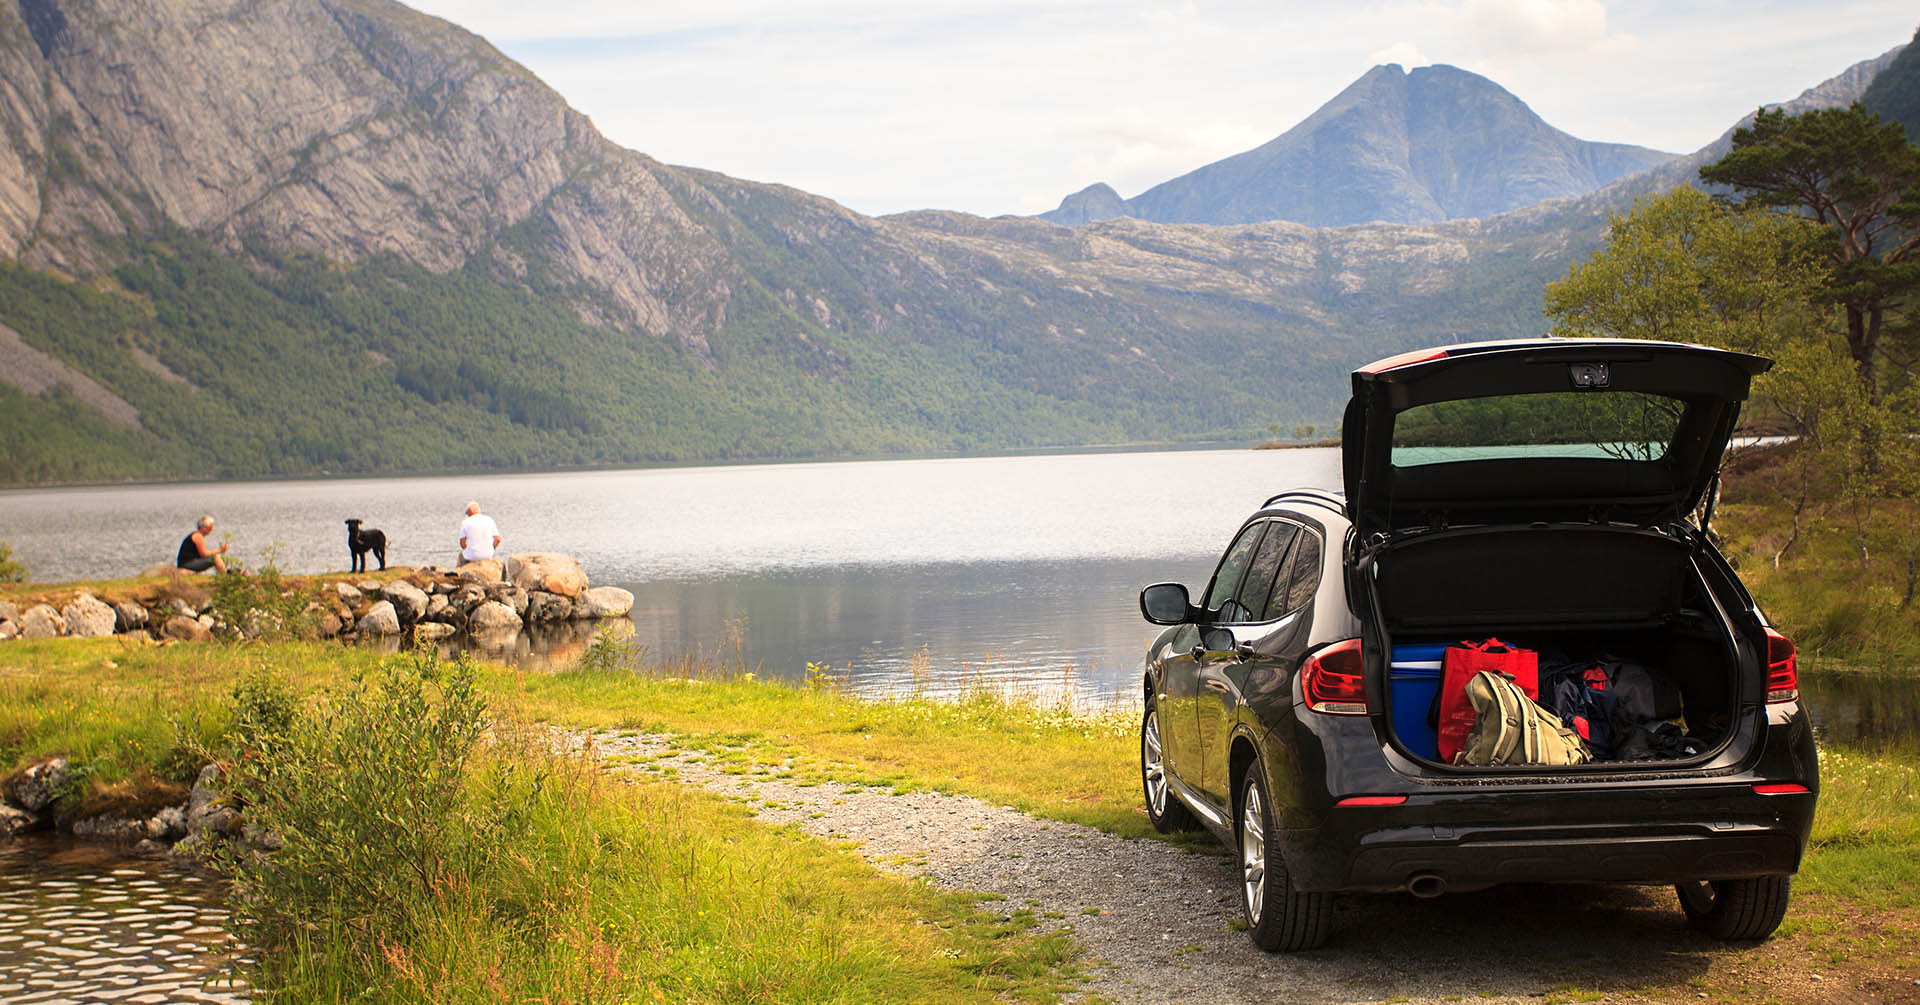 Top 8 Summer Travel Essentials